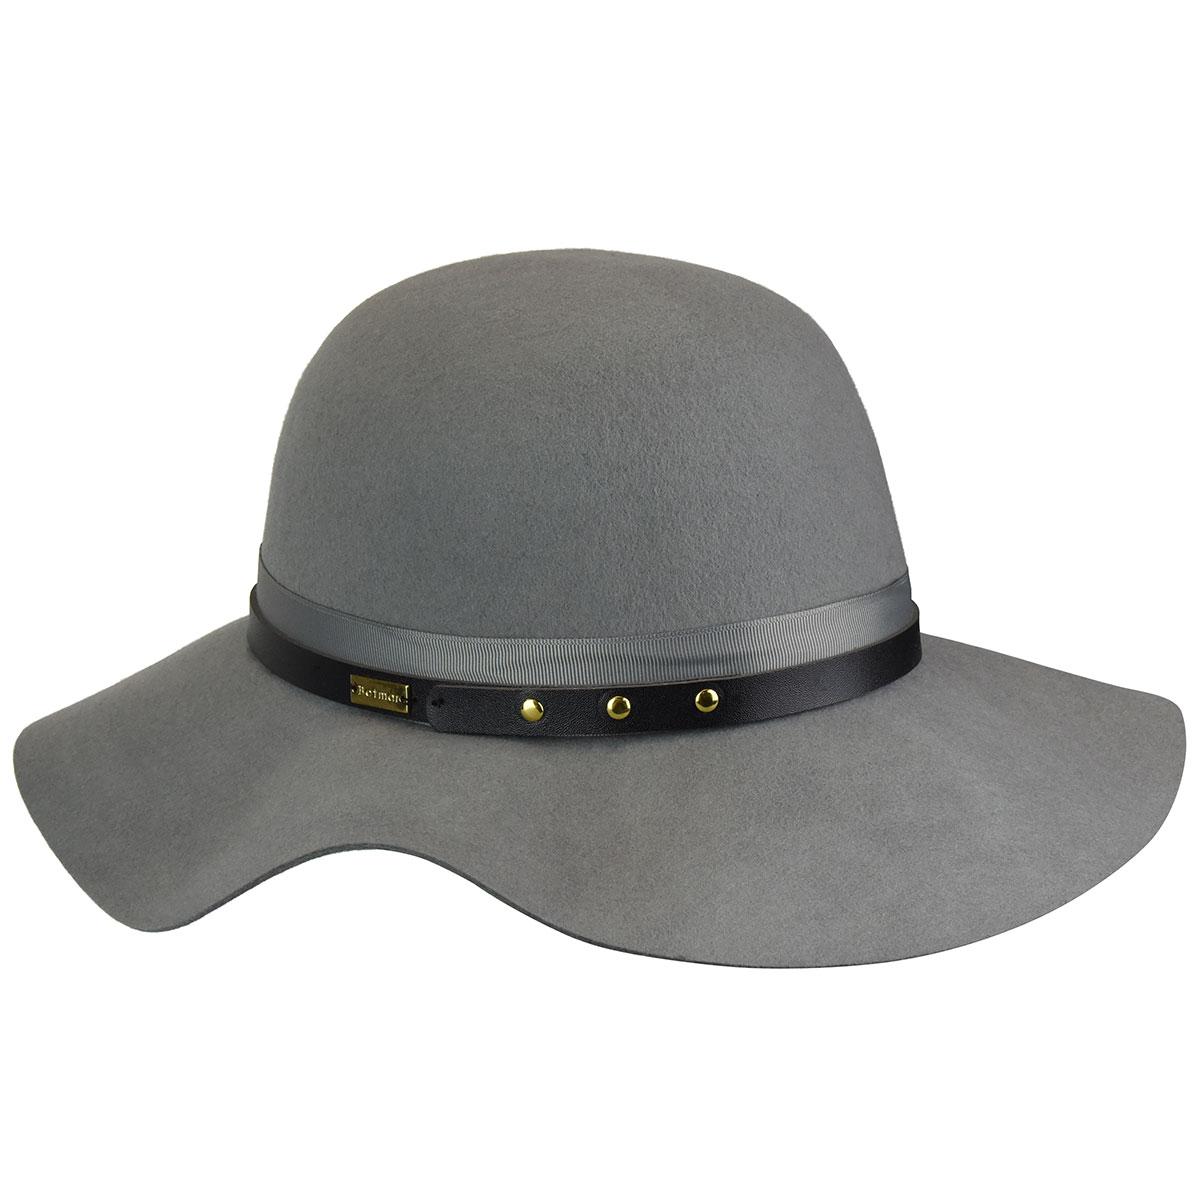 Betmar Hayden Floppy Hat in Light Grey